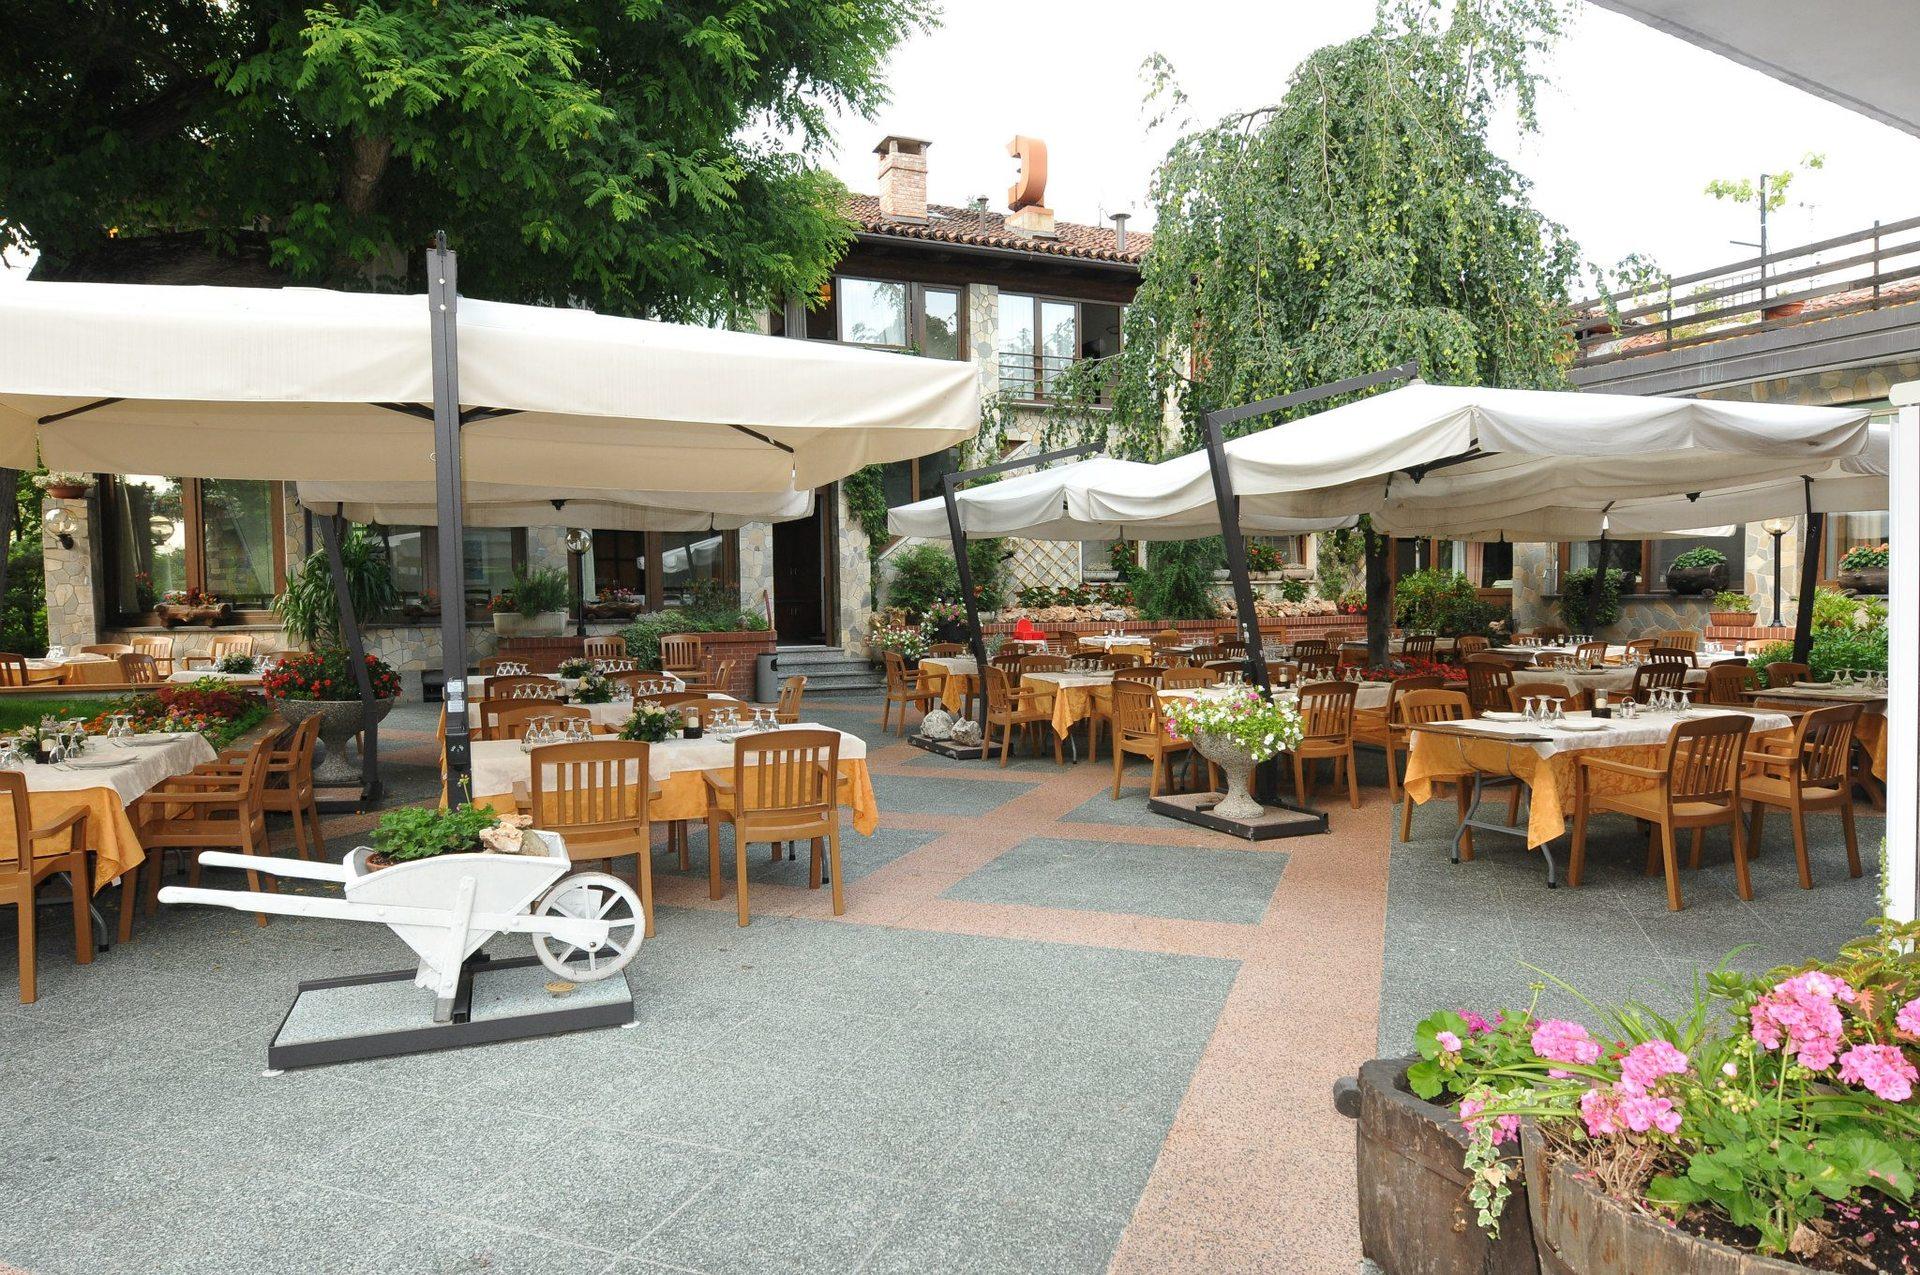 sala esterna del ristorante